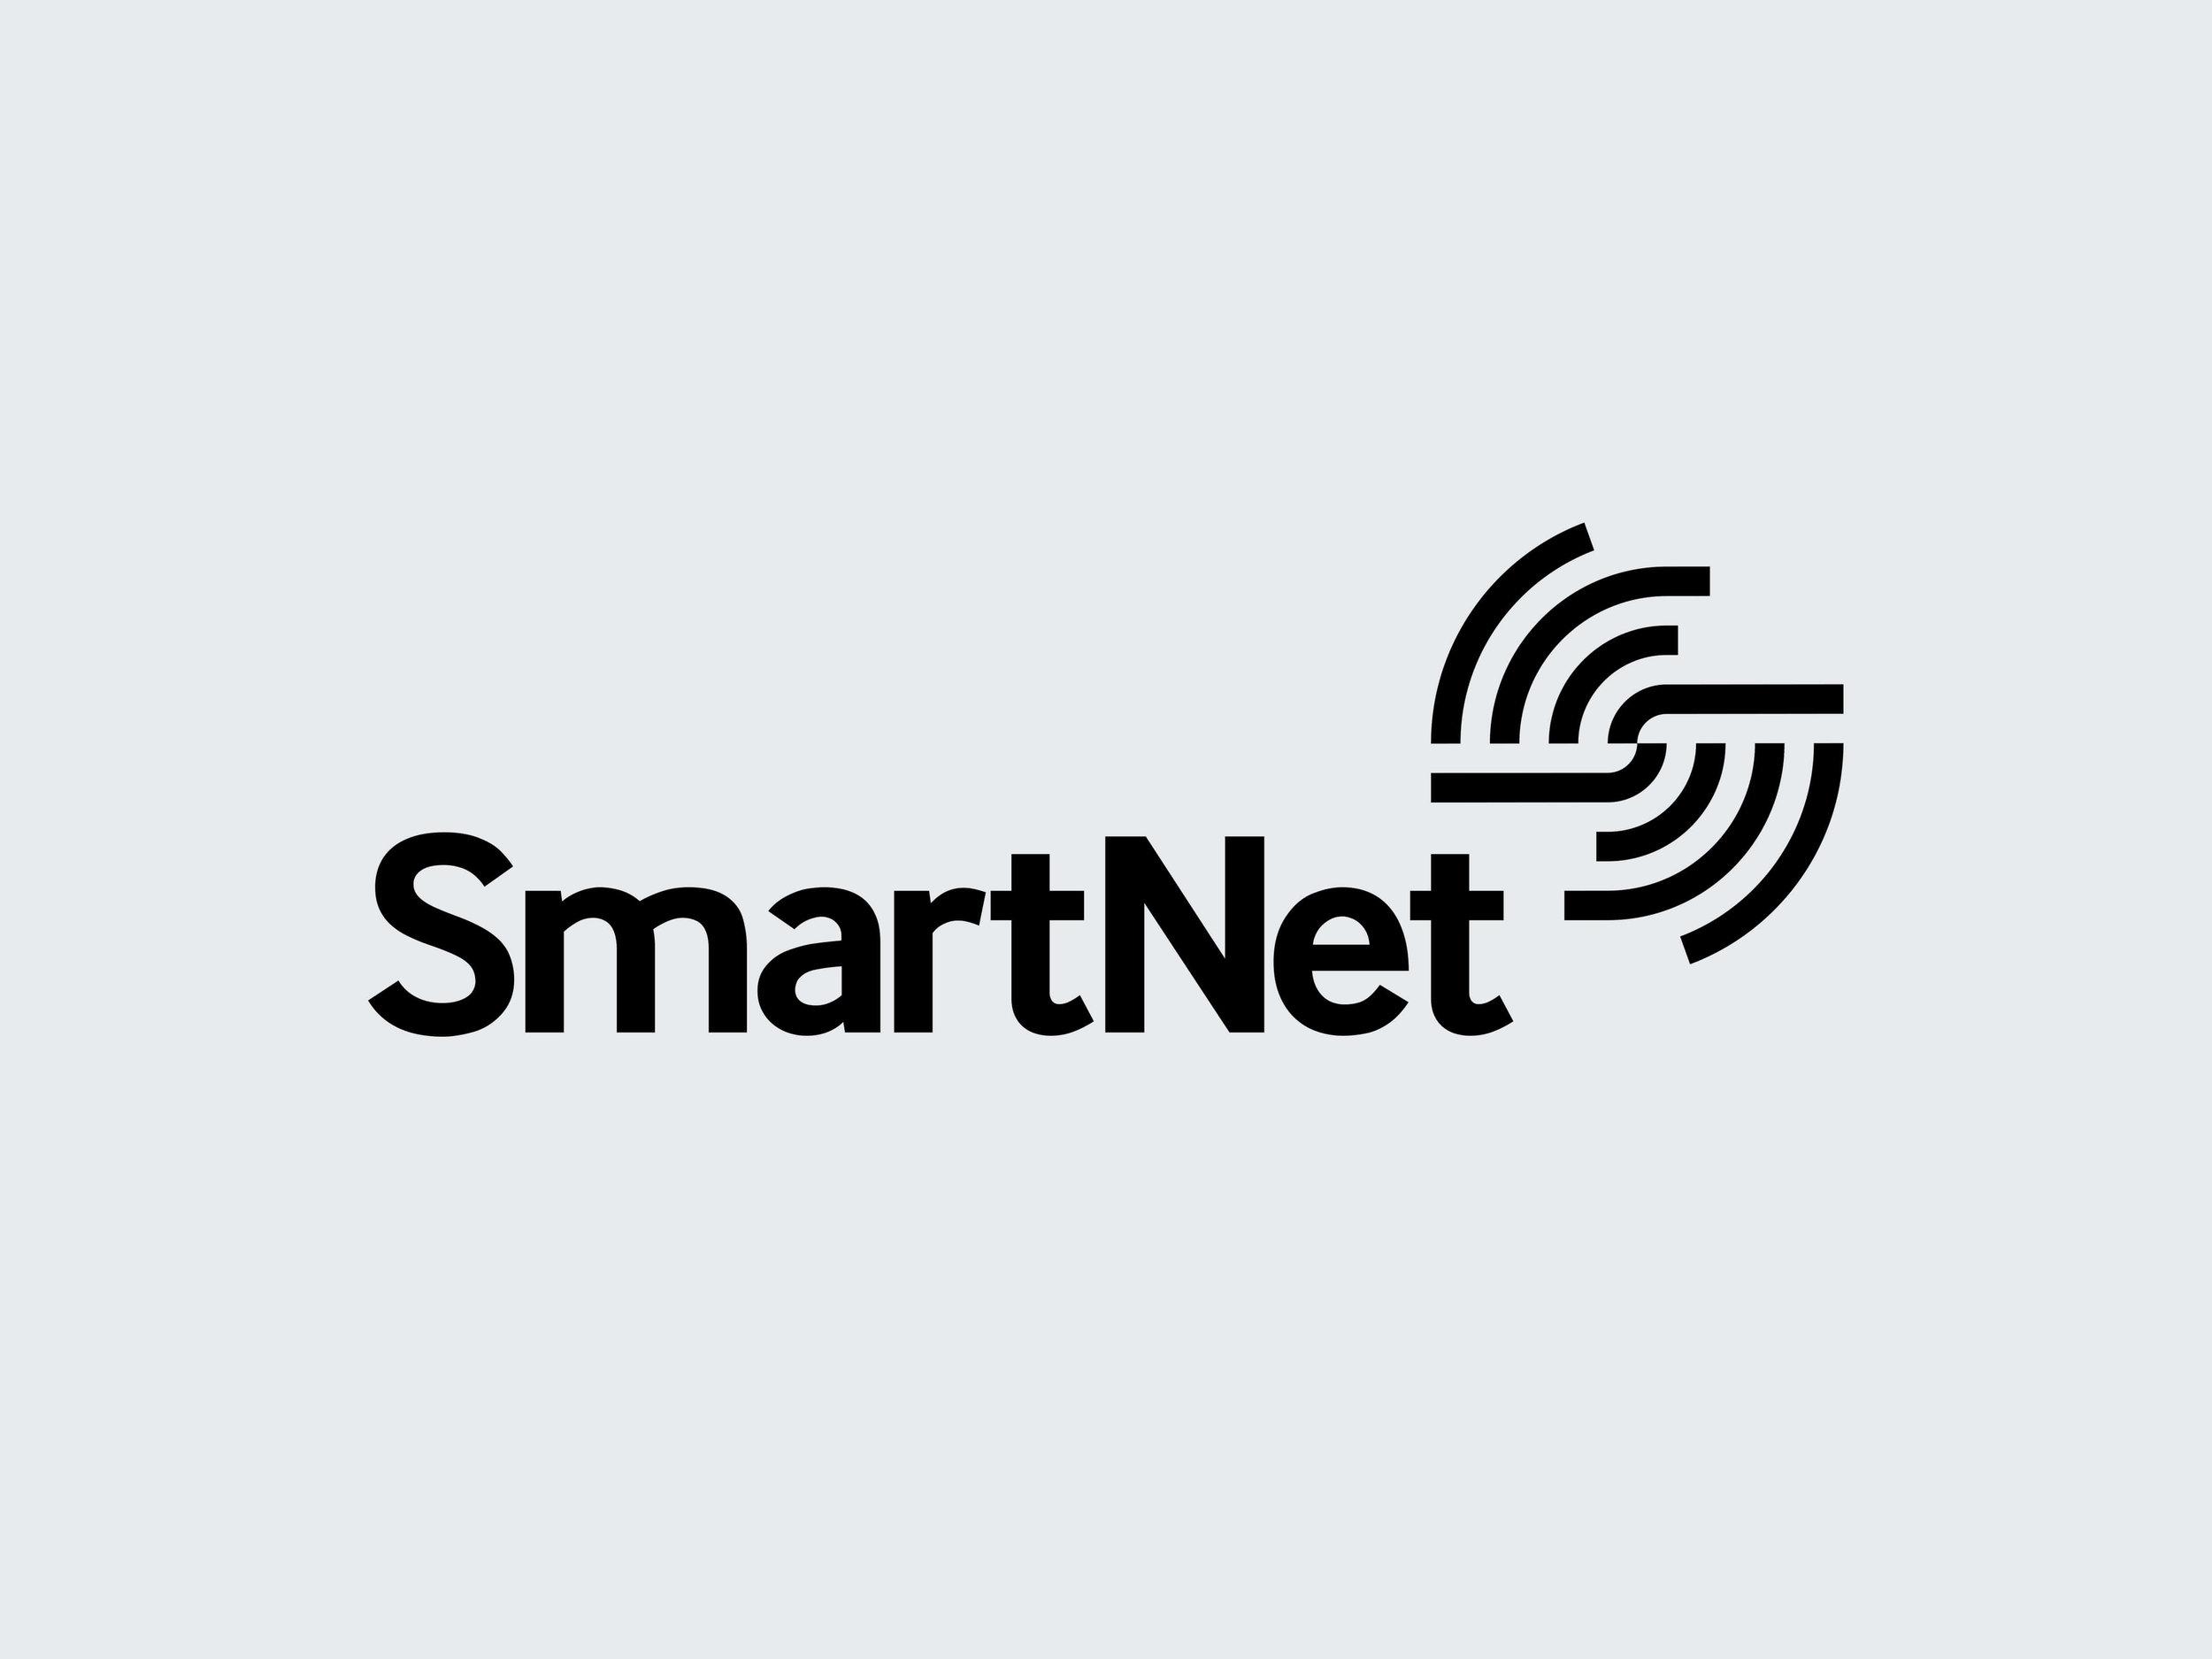 SmartNet-logo.jpg